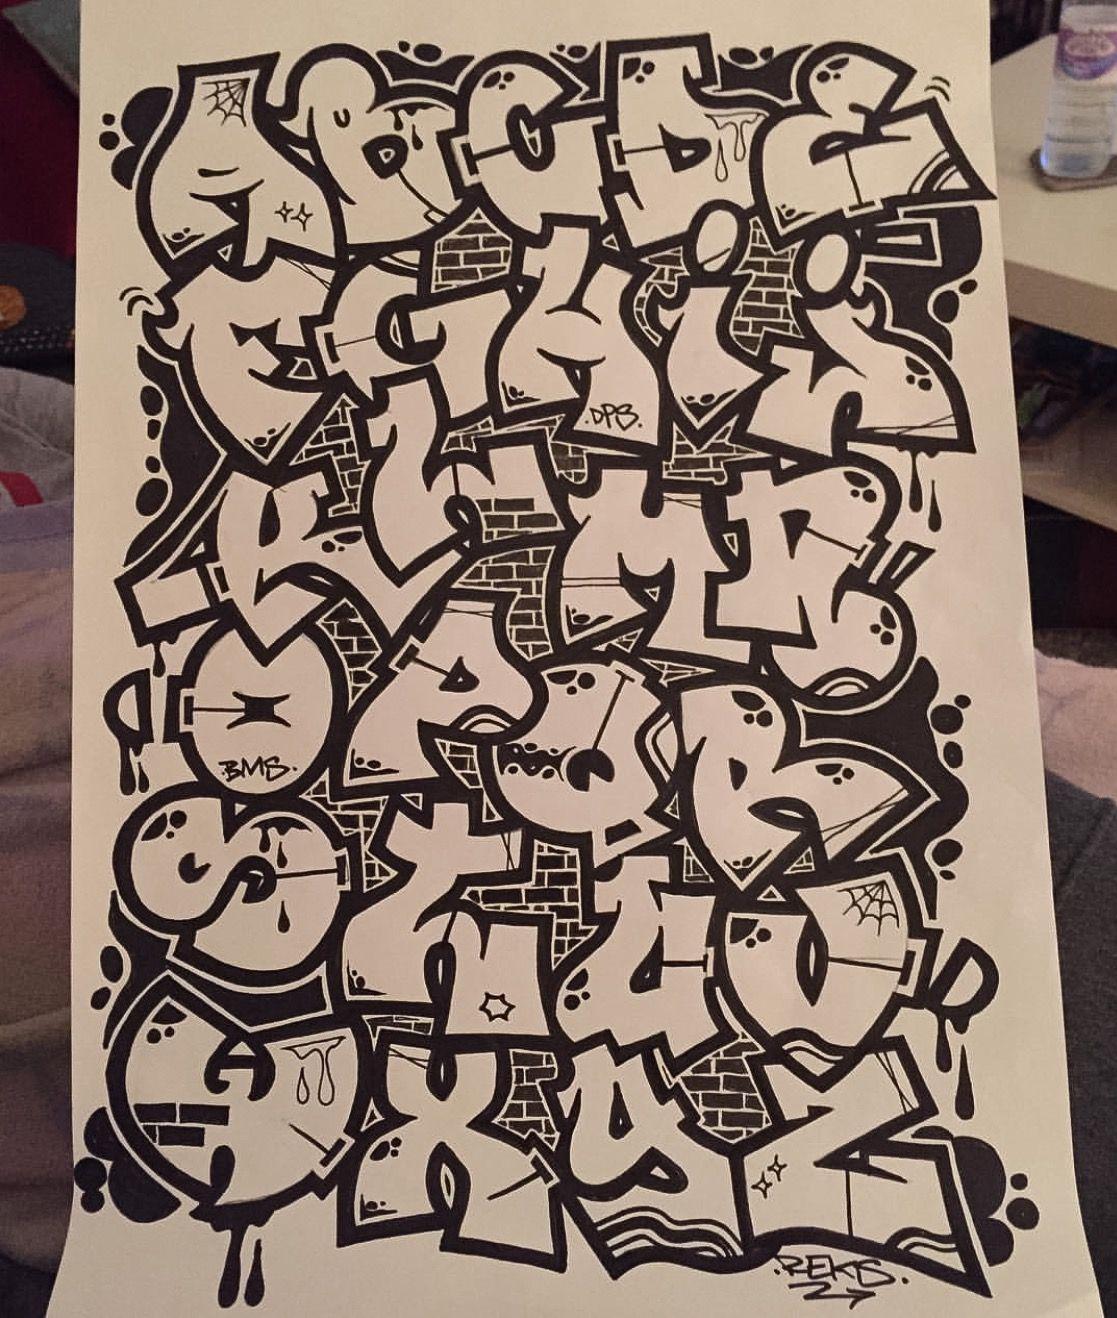 Washington Name Graffiti Letters